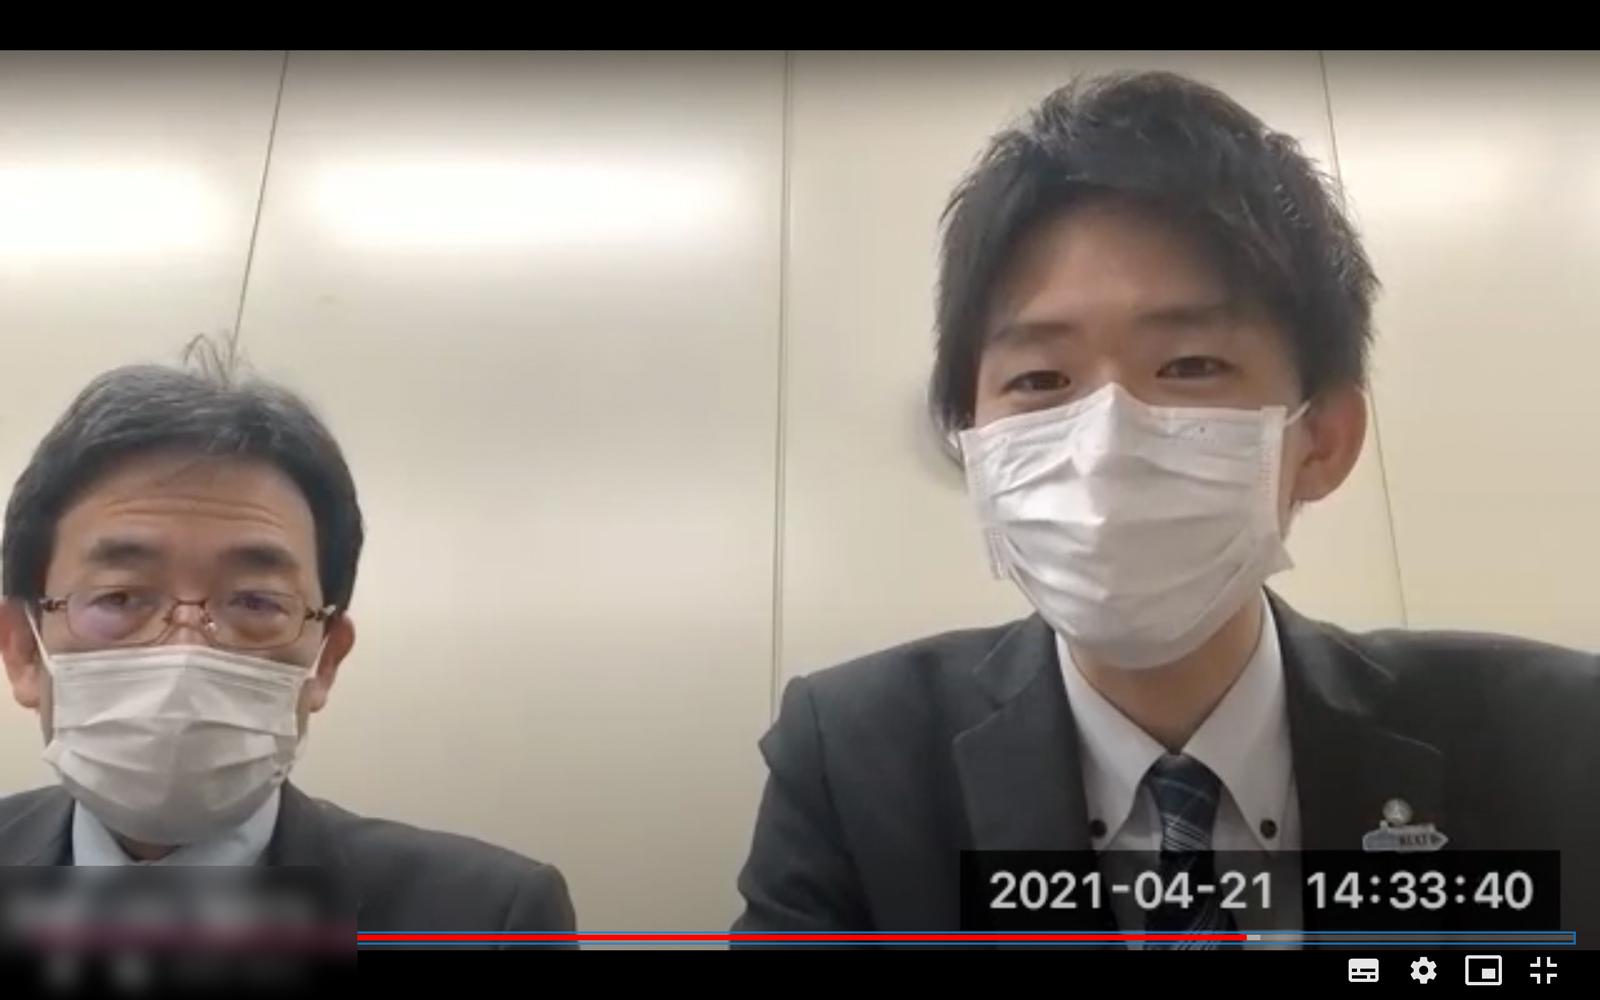 福岡市さまインタビュー